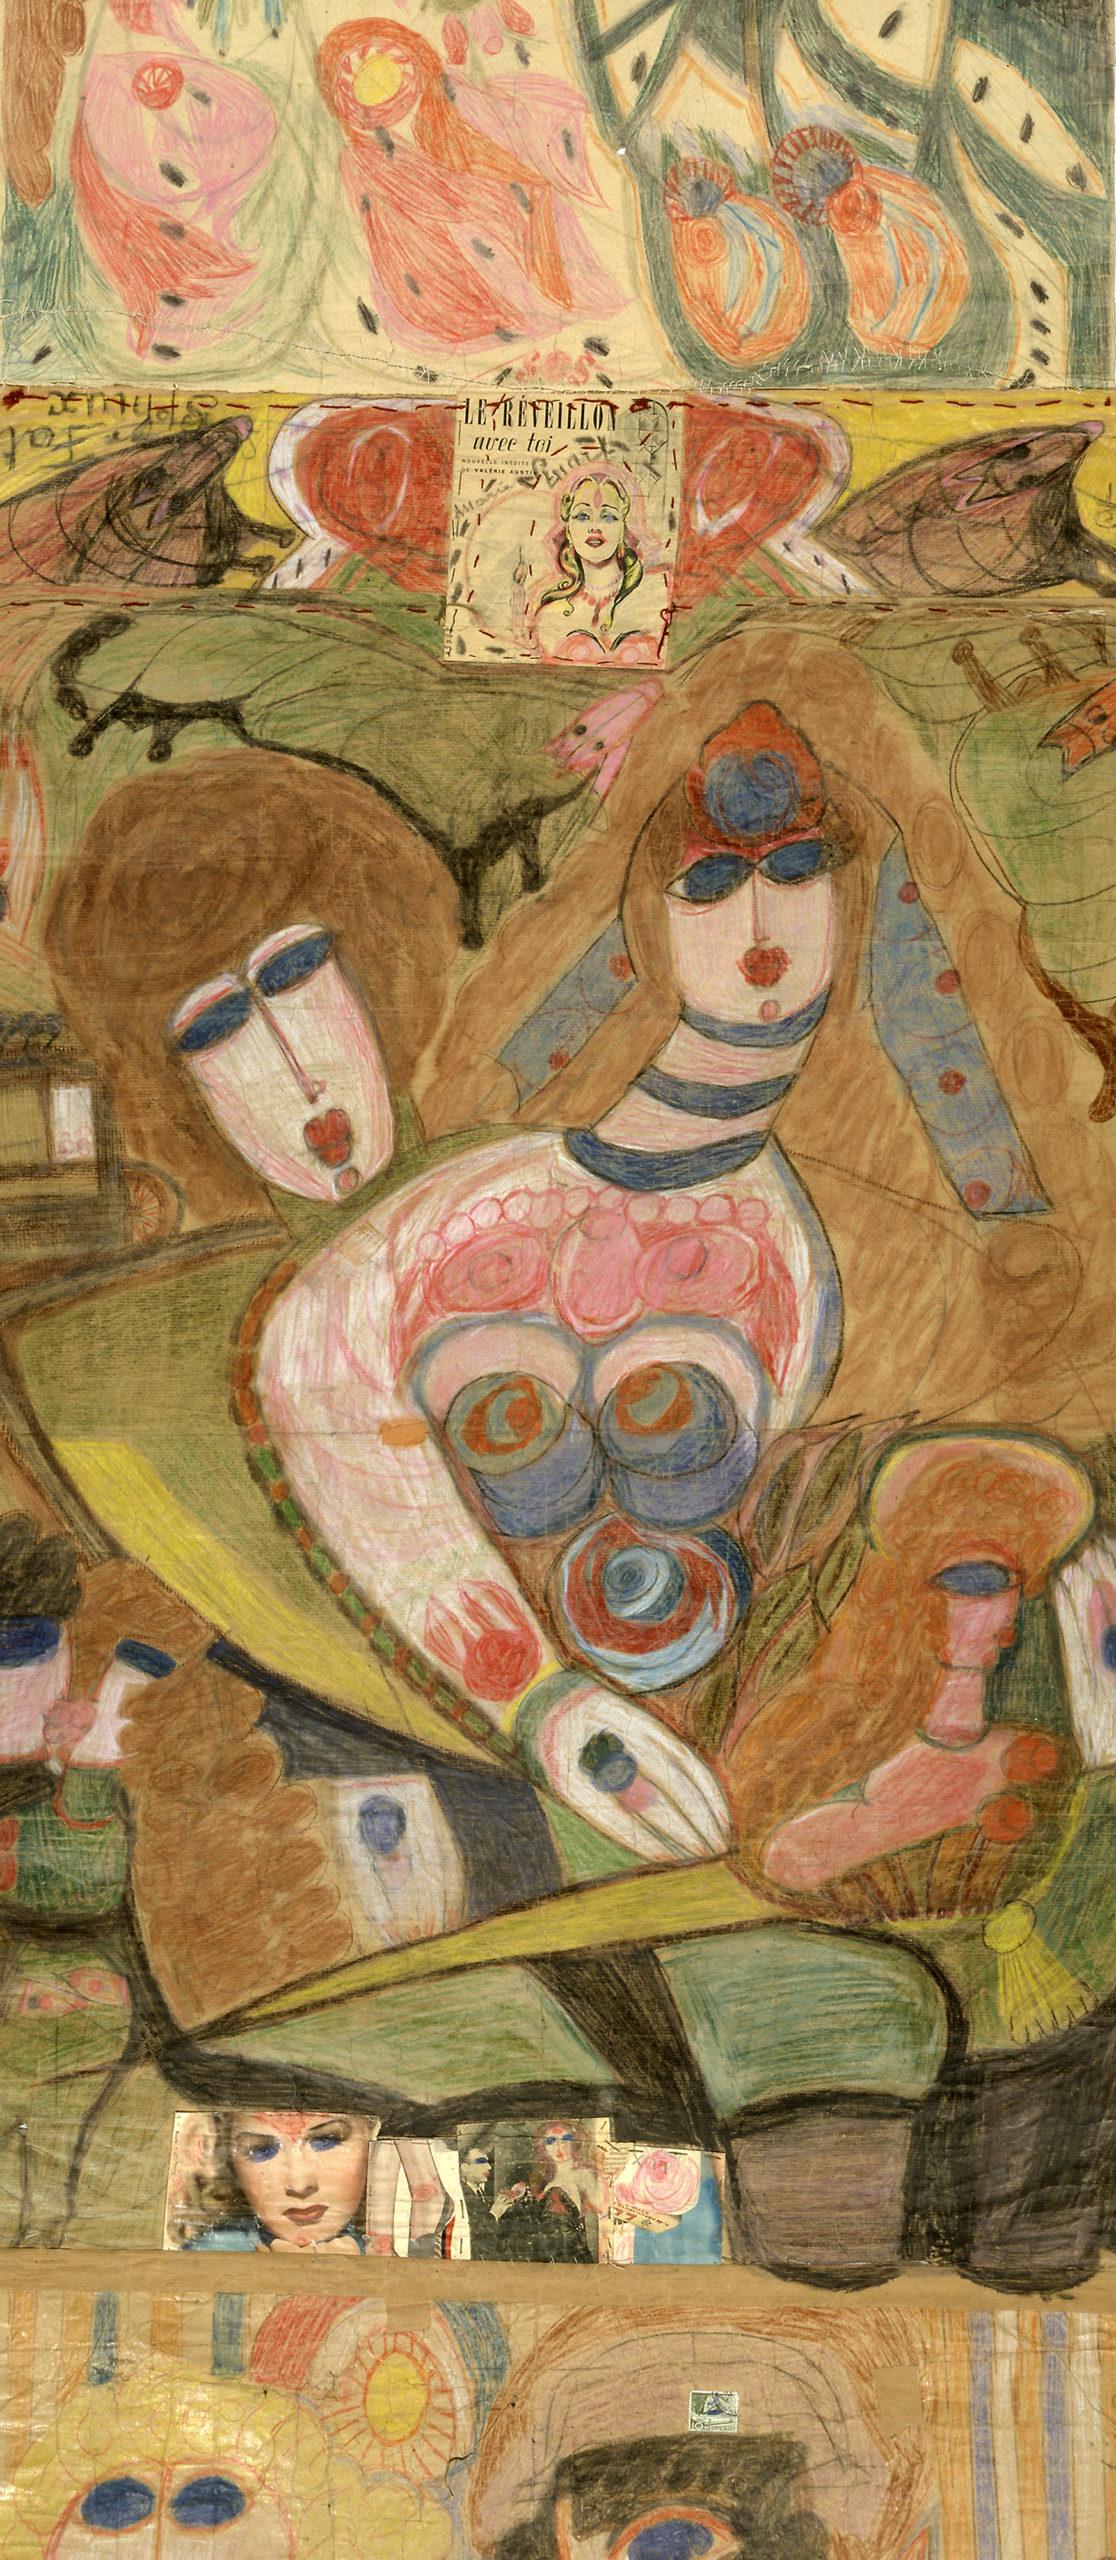 Aloïse (Aloïse Corbaz, dite) , Sphinx Fath – Marie Stuart. Feuille du rouleau double face Le Réveillon avec toi, 1950